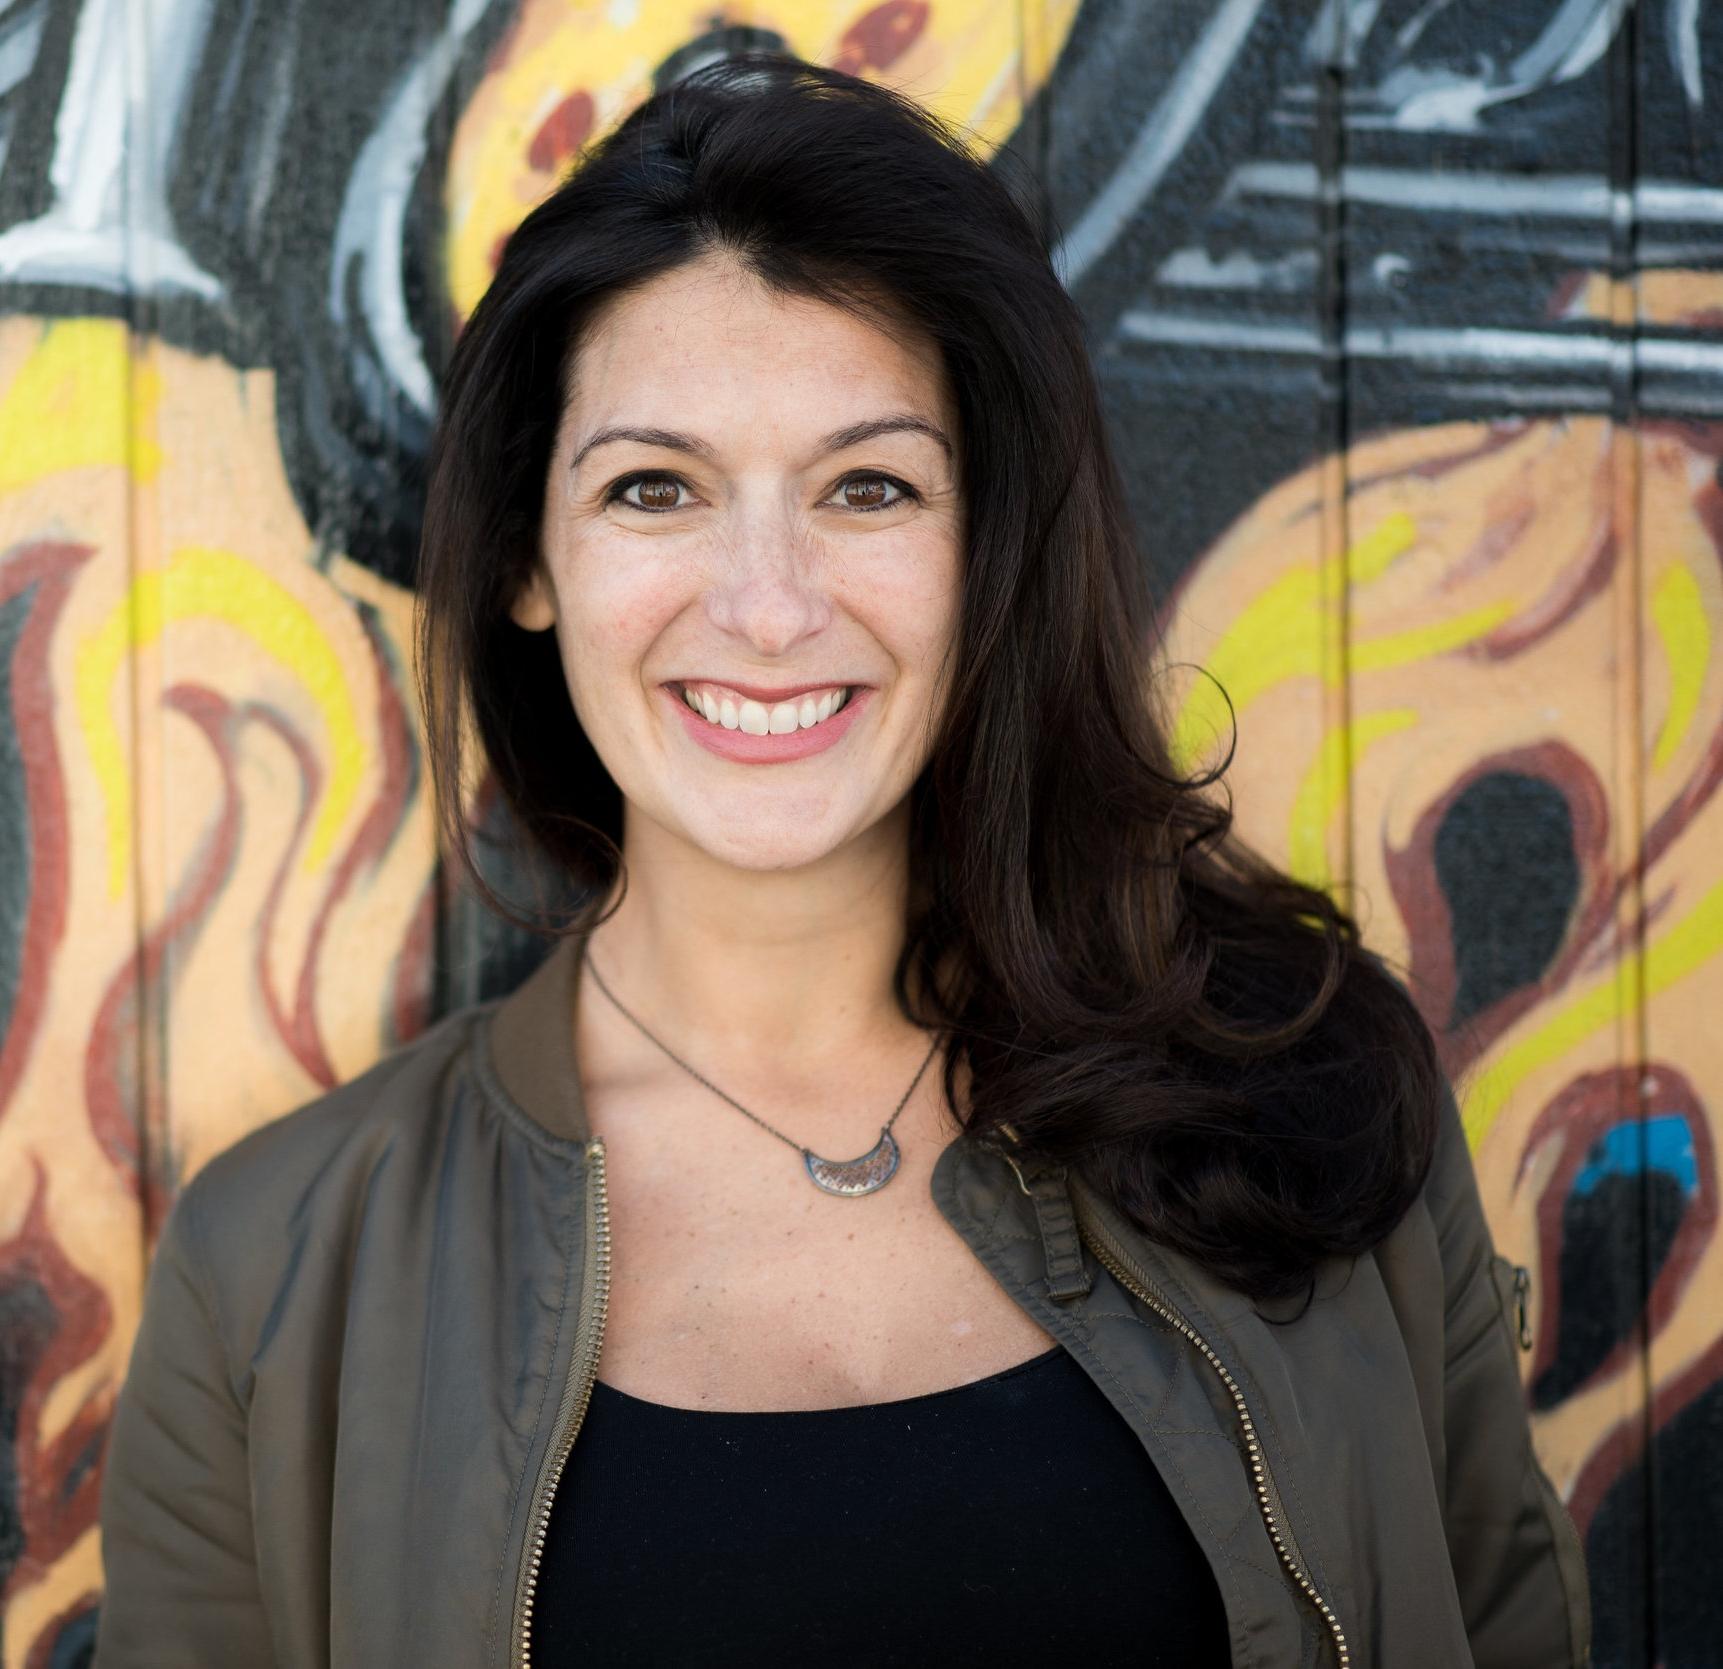 Suzanne-happy-hour-headshot-Denver004.jpg